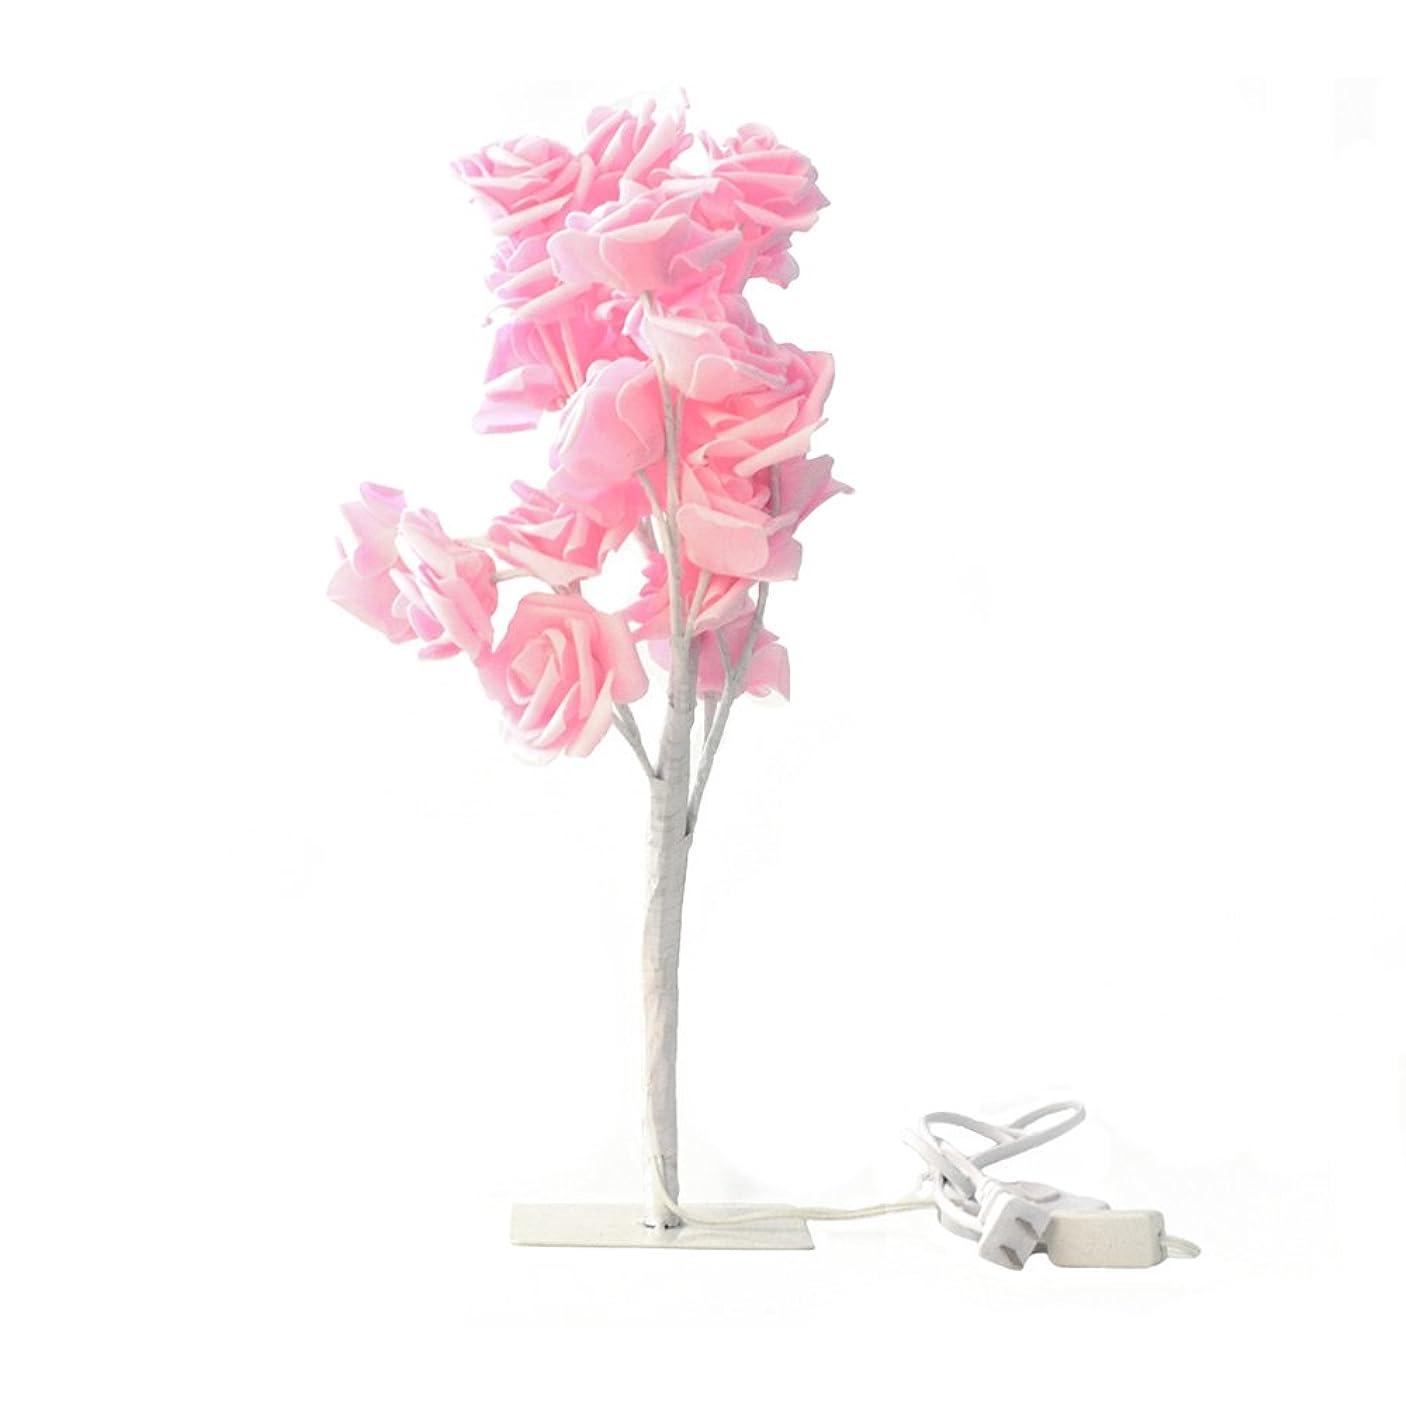 ジム買い手重要な役割を果たす、中心的な手段となるEtelux花ランプ バラランプ ランプツリー テーブルスタンド 部屋飾り花 パーティー用、暇、 結婚式用 省エネルギー 耐久性のある